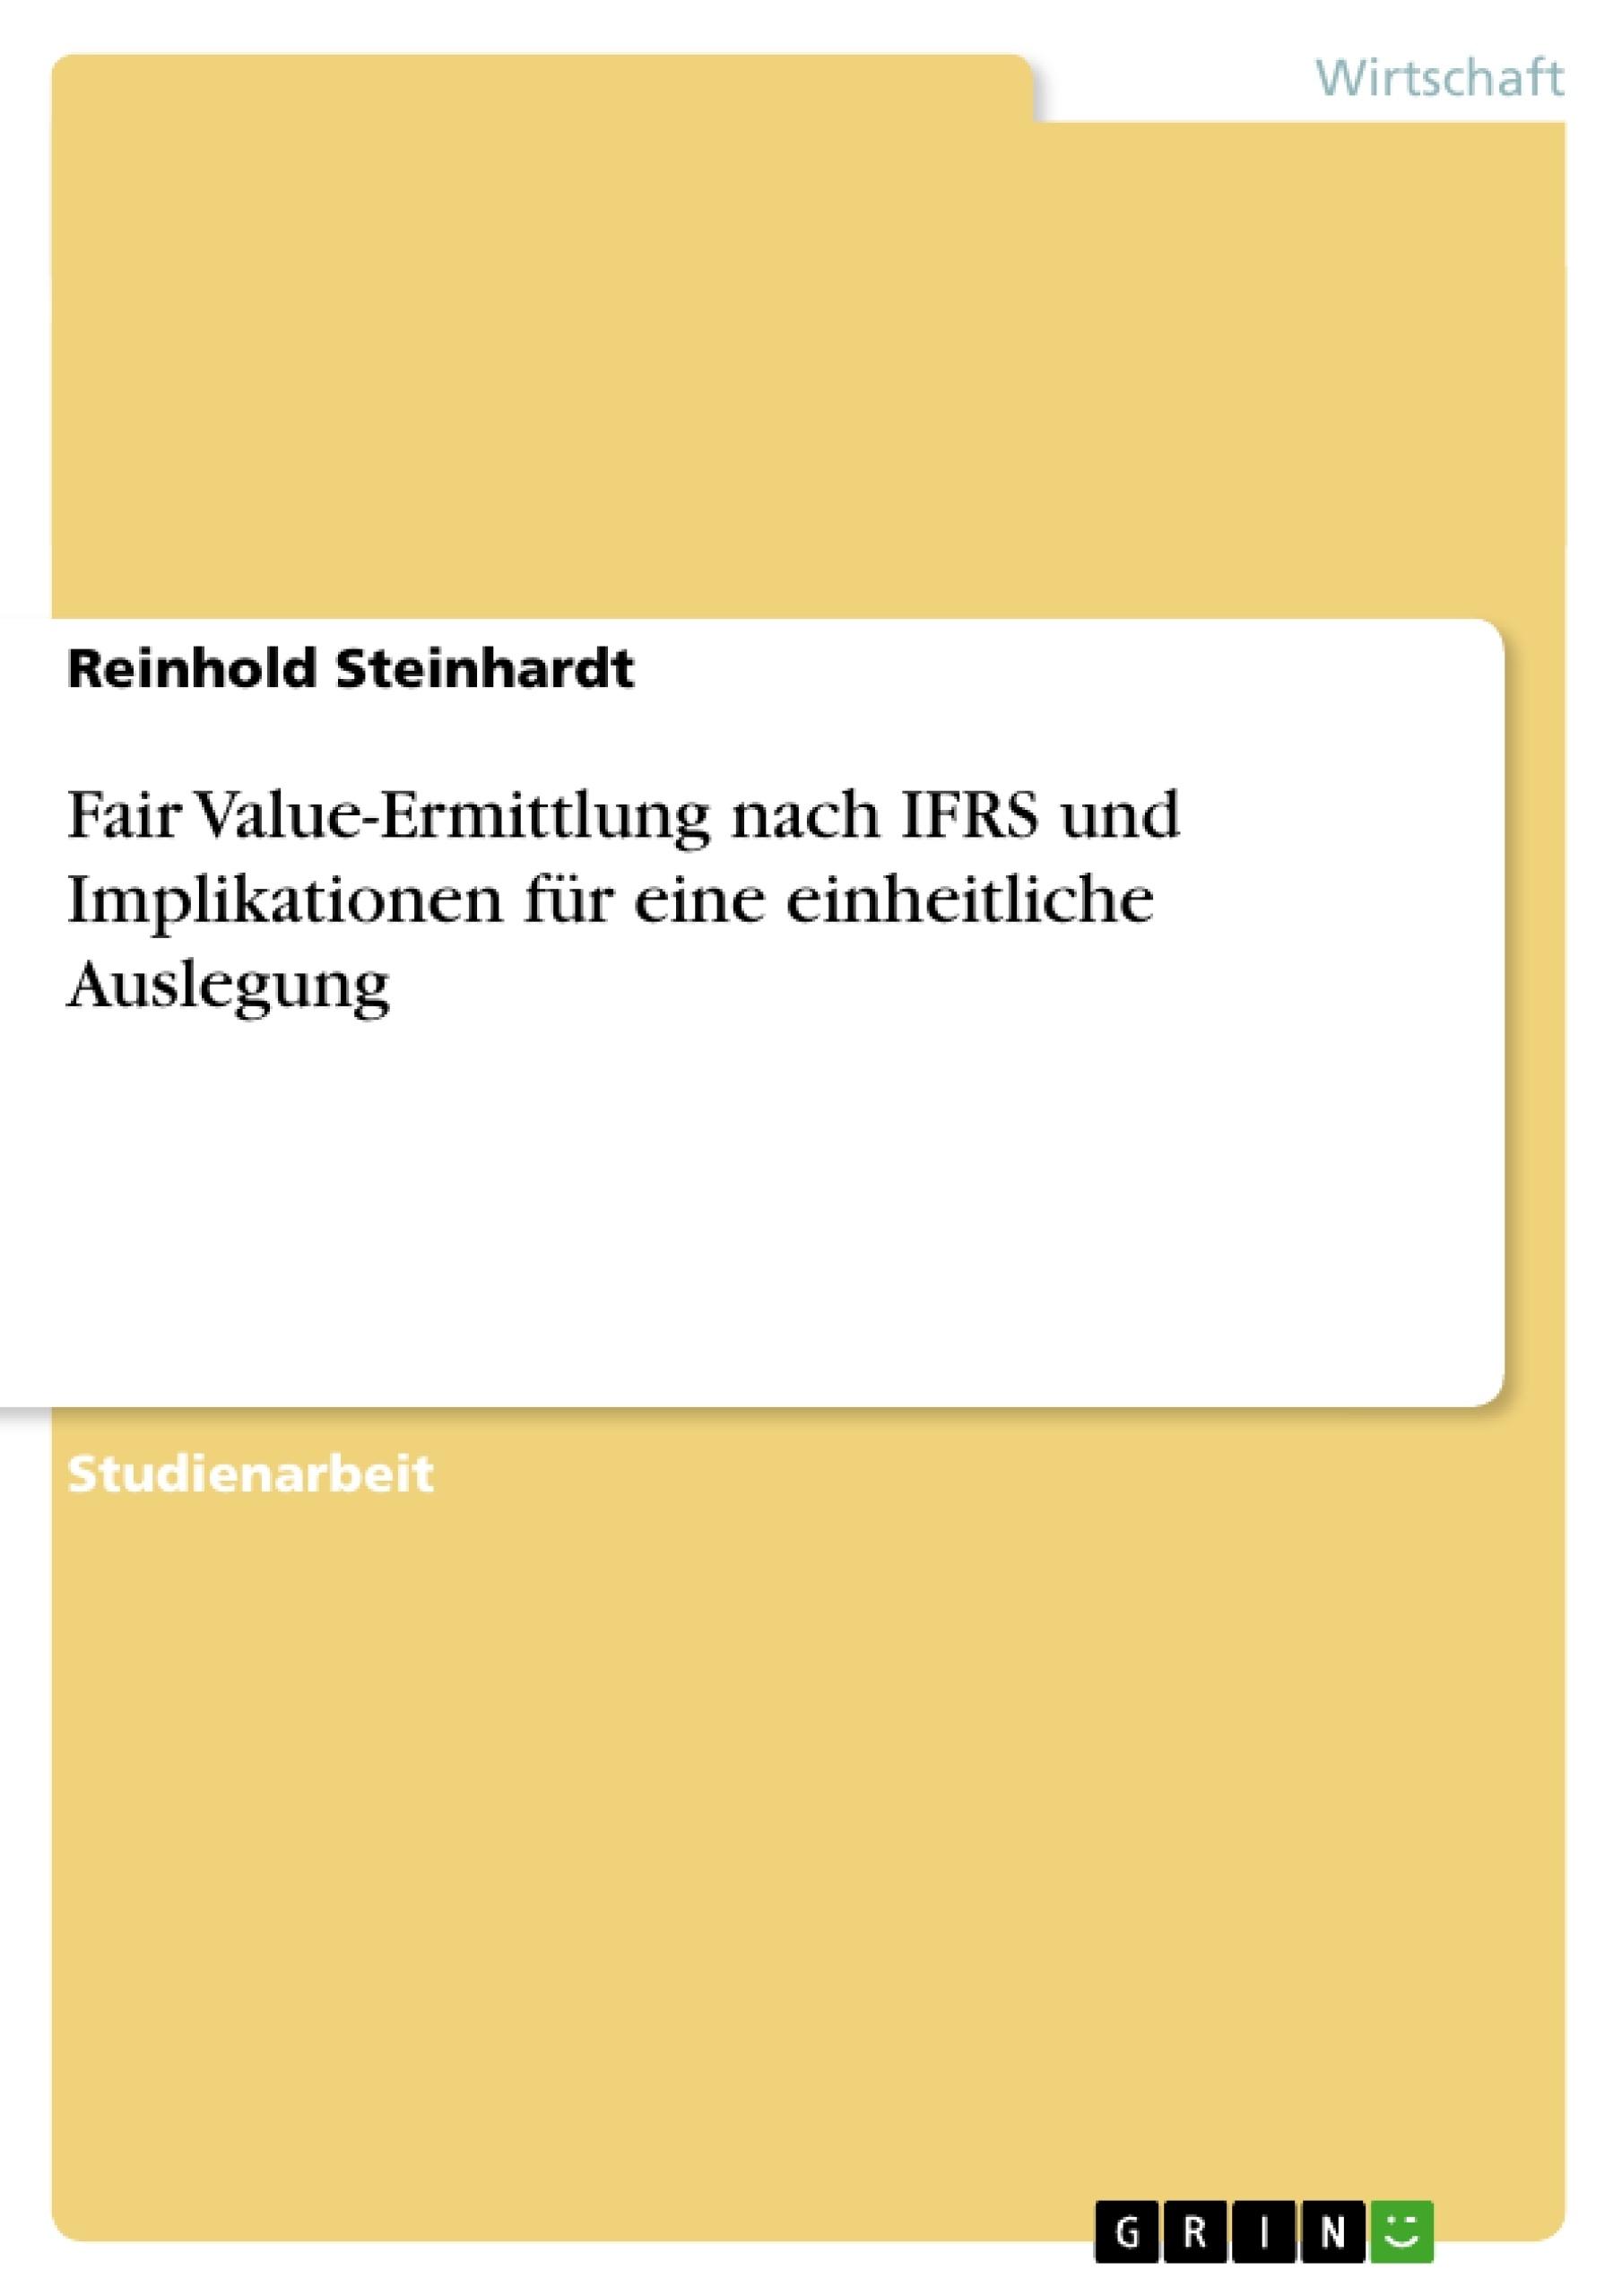 Titel: Fair Value-Ermittlung nach IFRS und Implikationen für eine einheitliche Auslegung